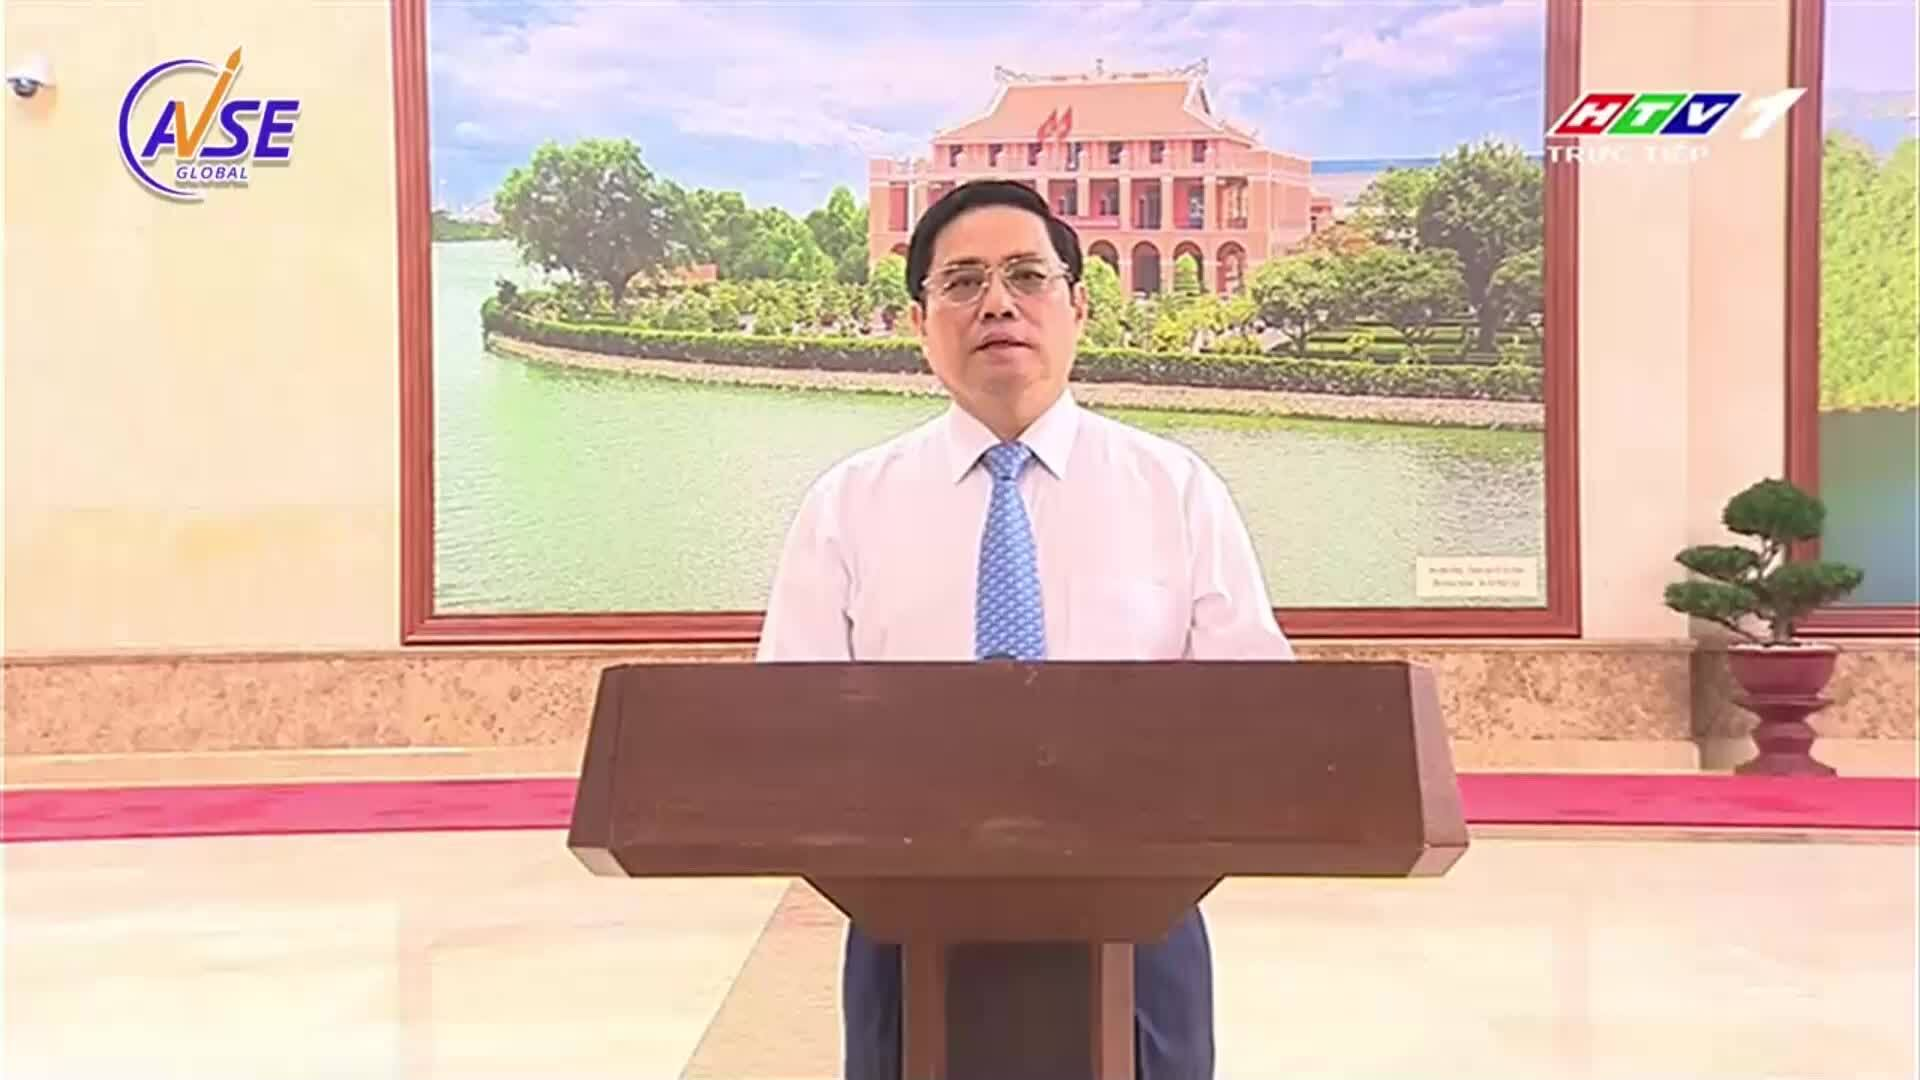 Thủ tướng Phạm Minh Chính phát biểu trong show Nối vòng tay lớn